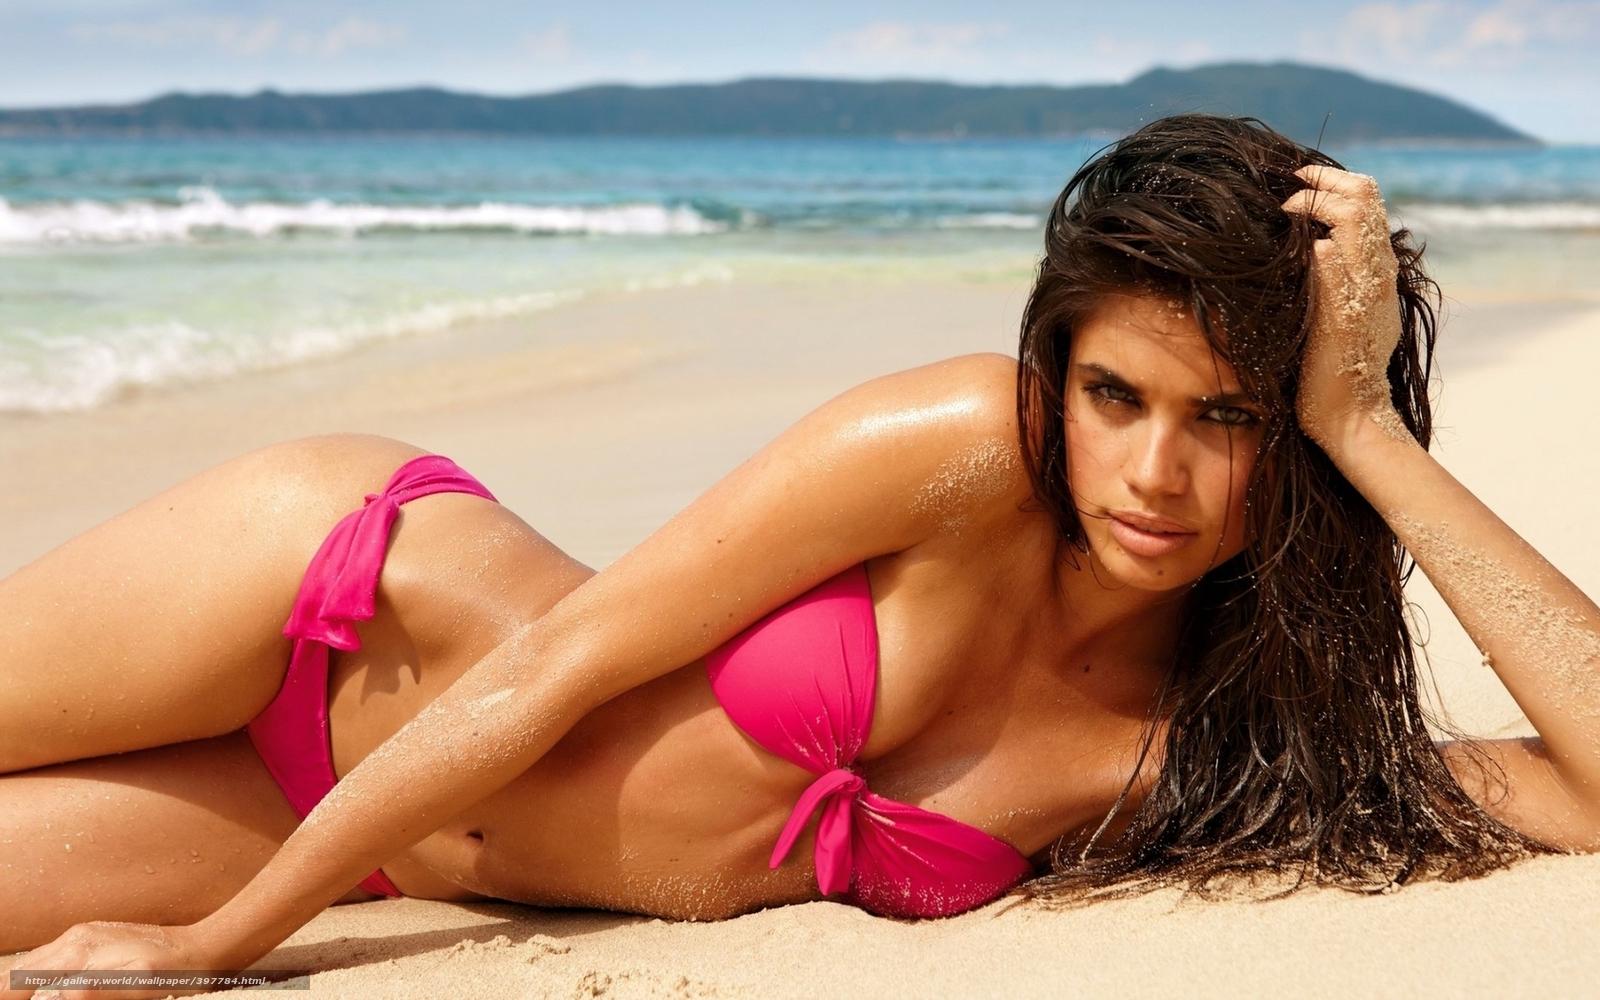 Фото девушки на пляже на обложку